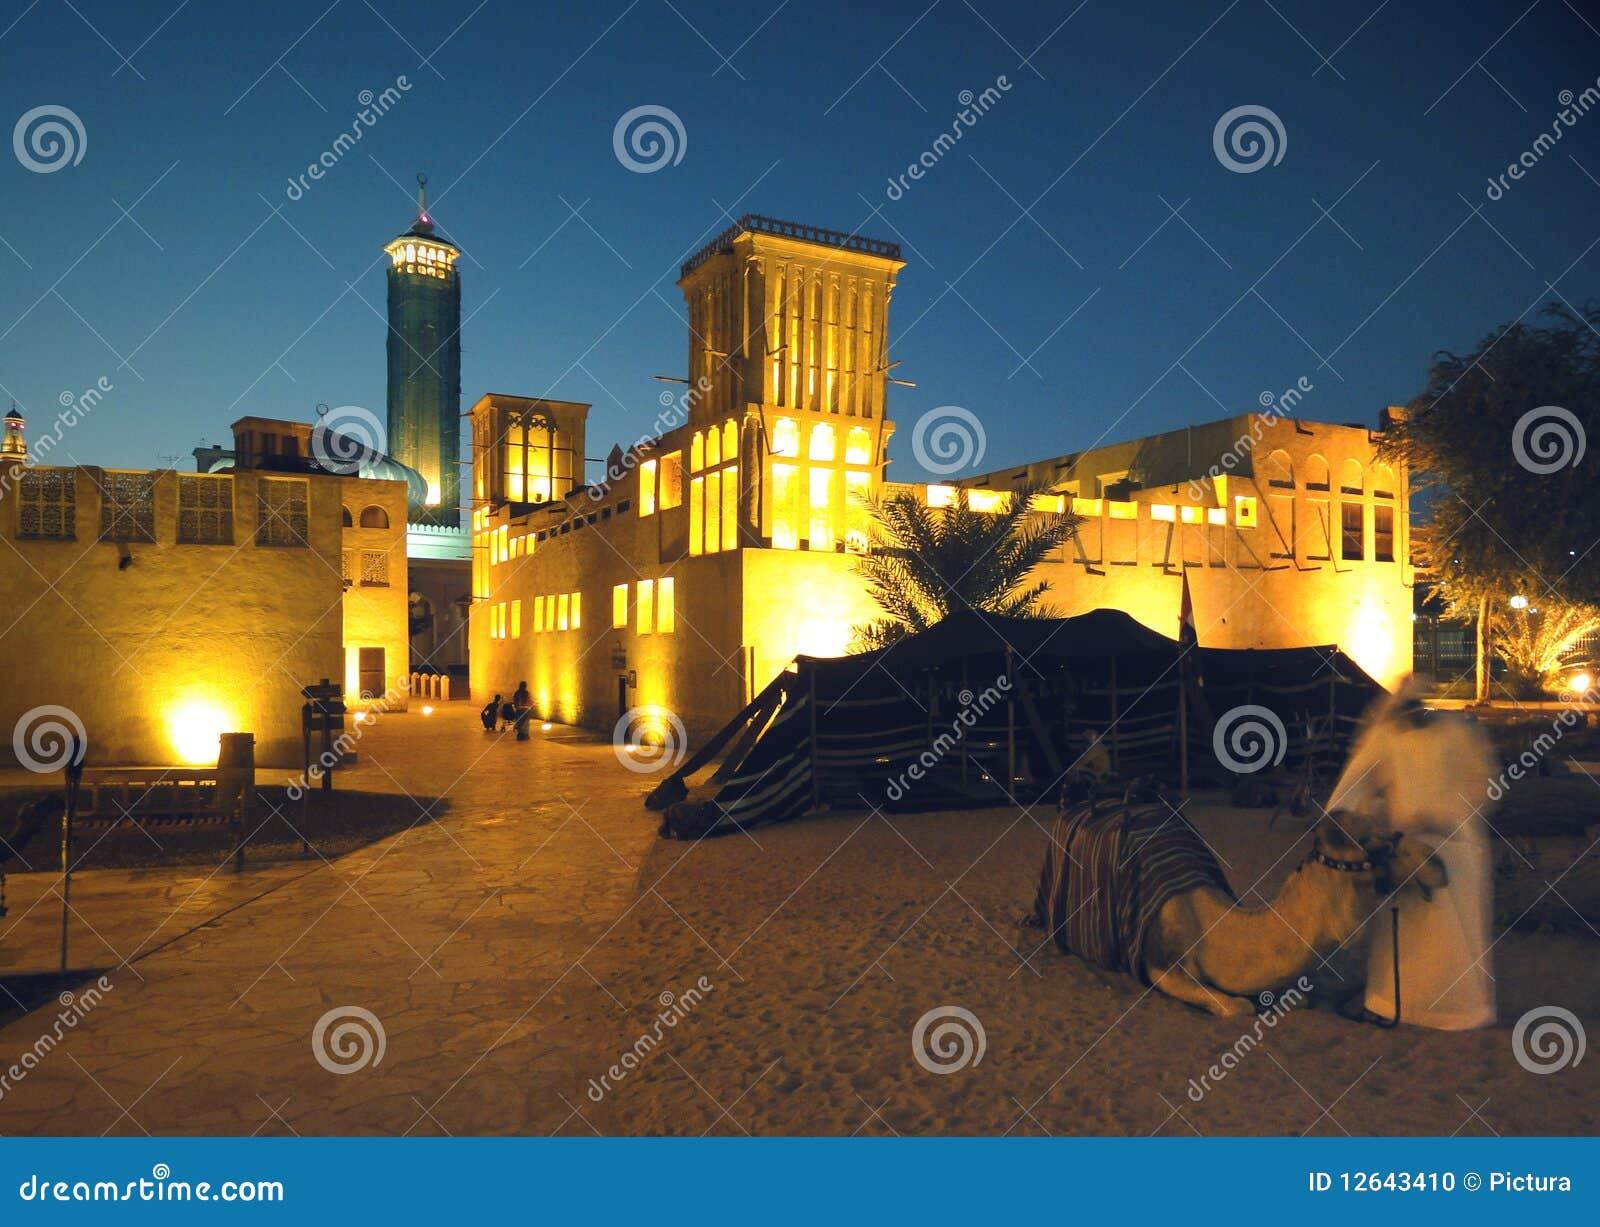 Bastakiya in Doubai